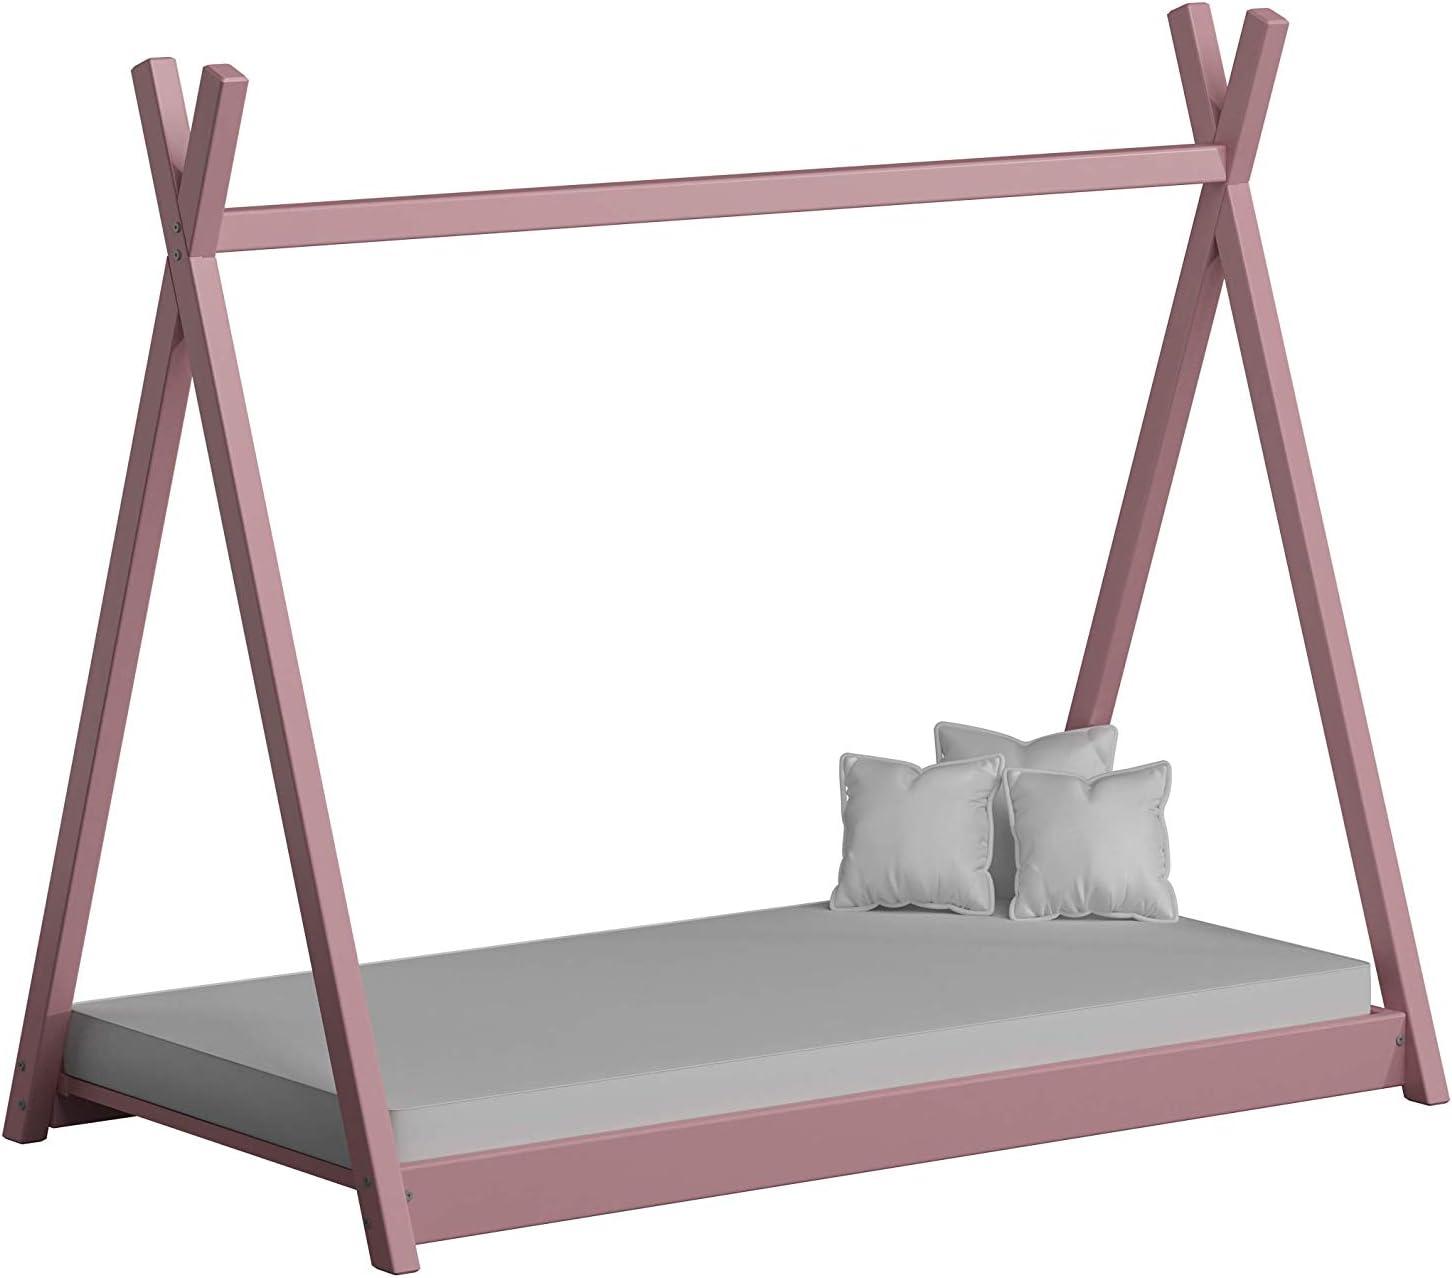 Childrens Beds Home Cama Individual con Dosel de Madera Maciza - Estilo Titus Tepee para niños Niños Niño pequeño - Sin colchón Incluido (160x80, ...